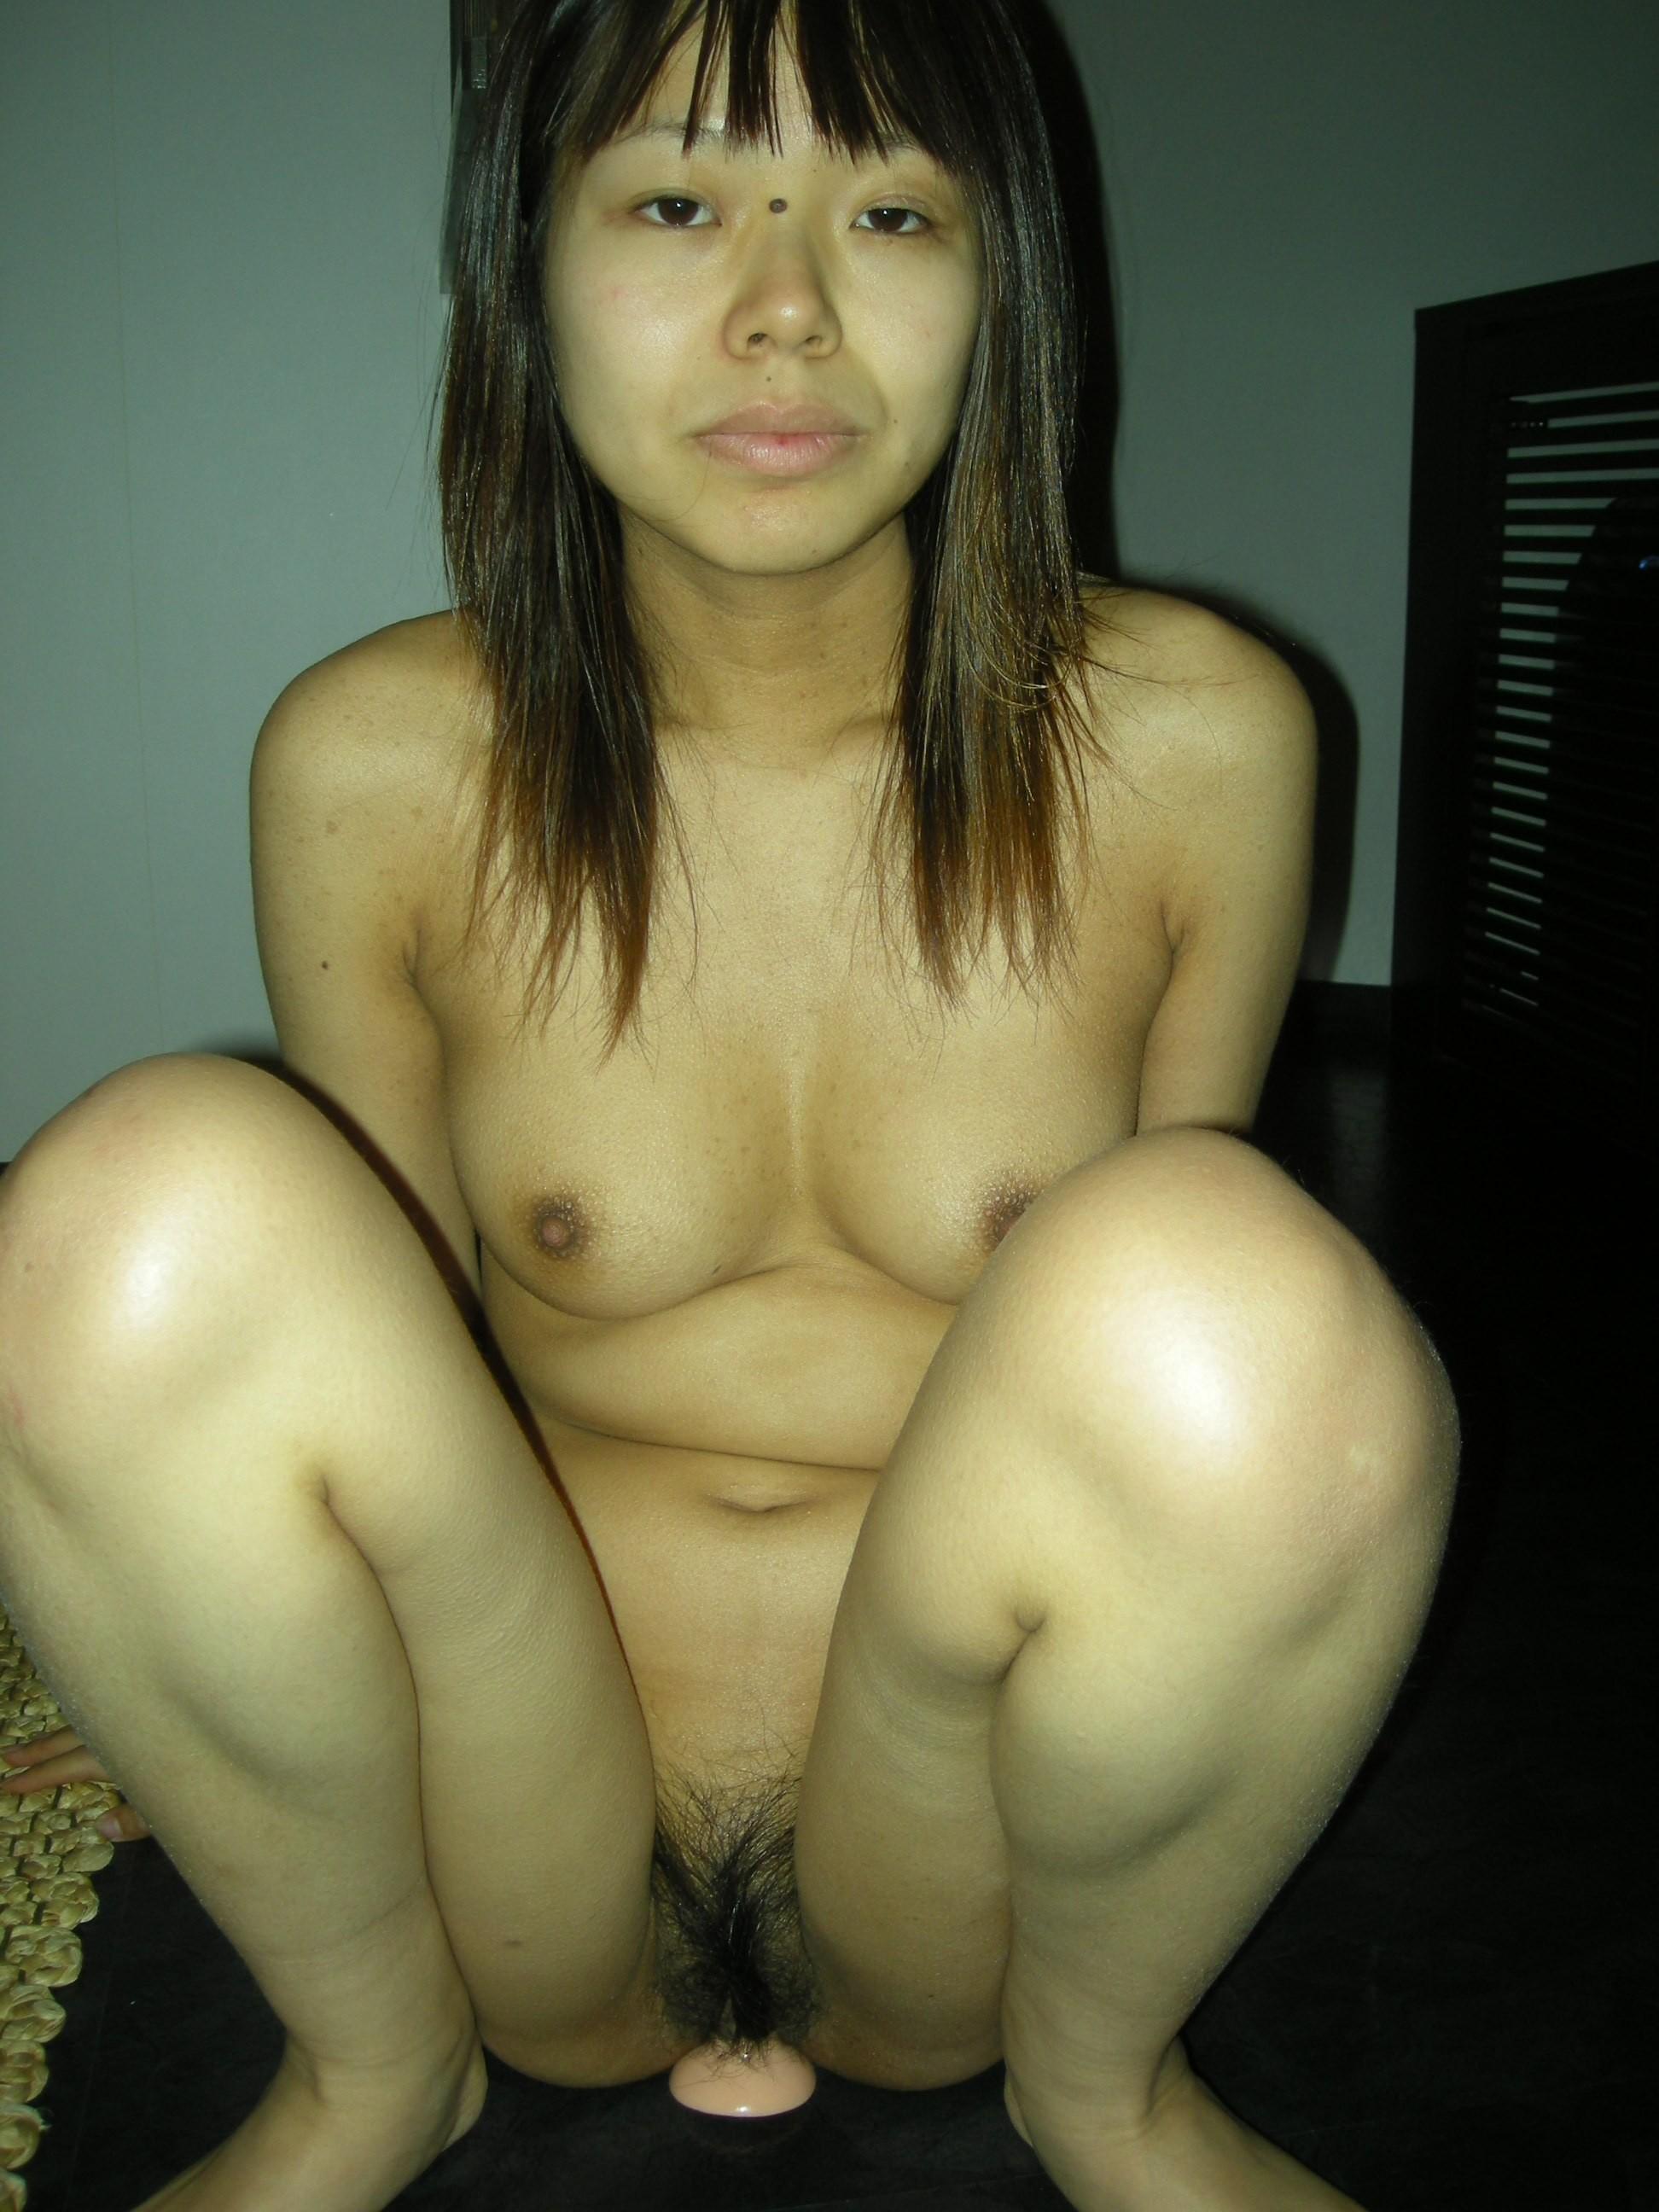 prostitutas mas baratas prostitutas paiporta